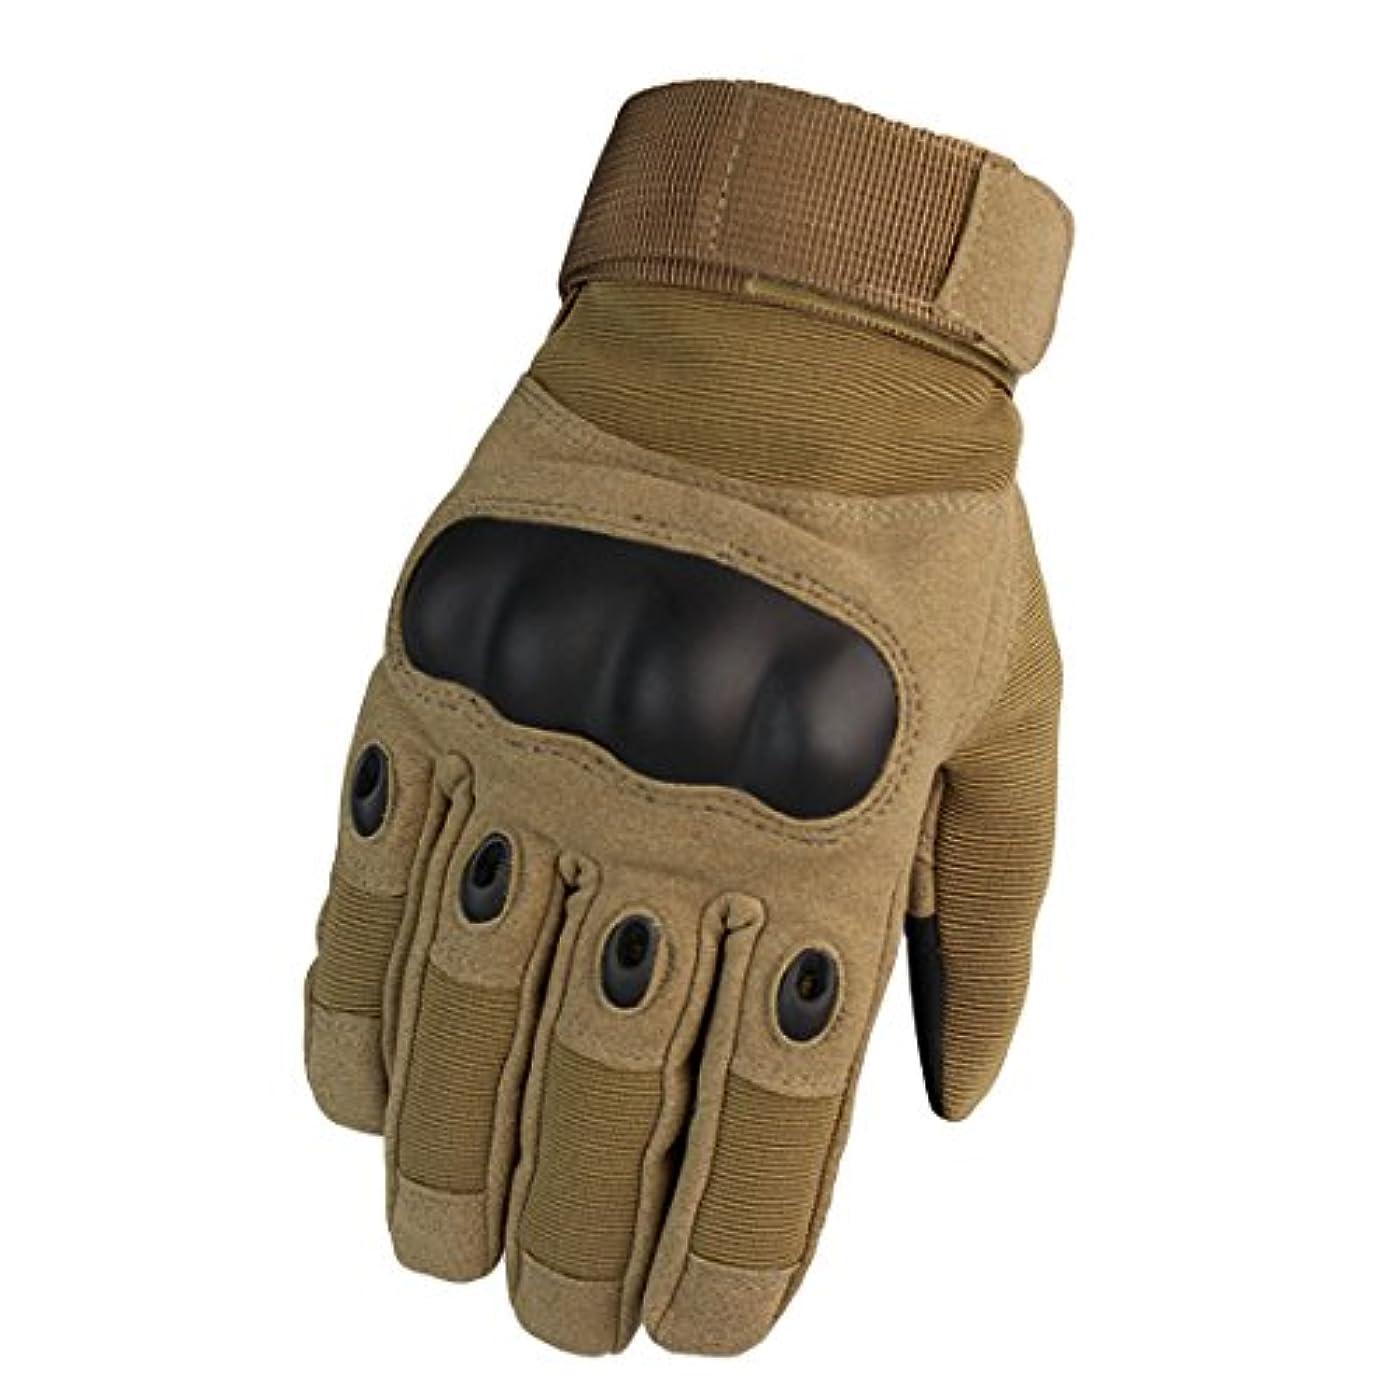 不可能な折る並外れて手保護具 オートバイ 軍隊 完全な指ミトン 軍事装備 手袋